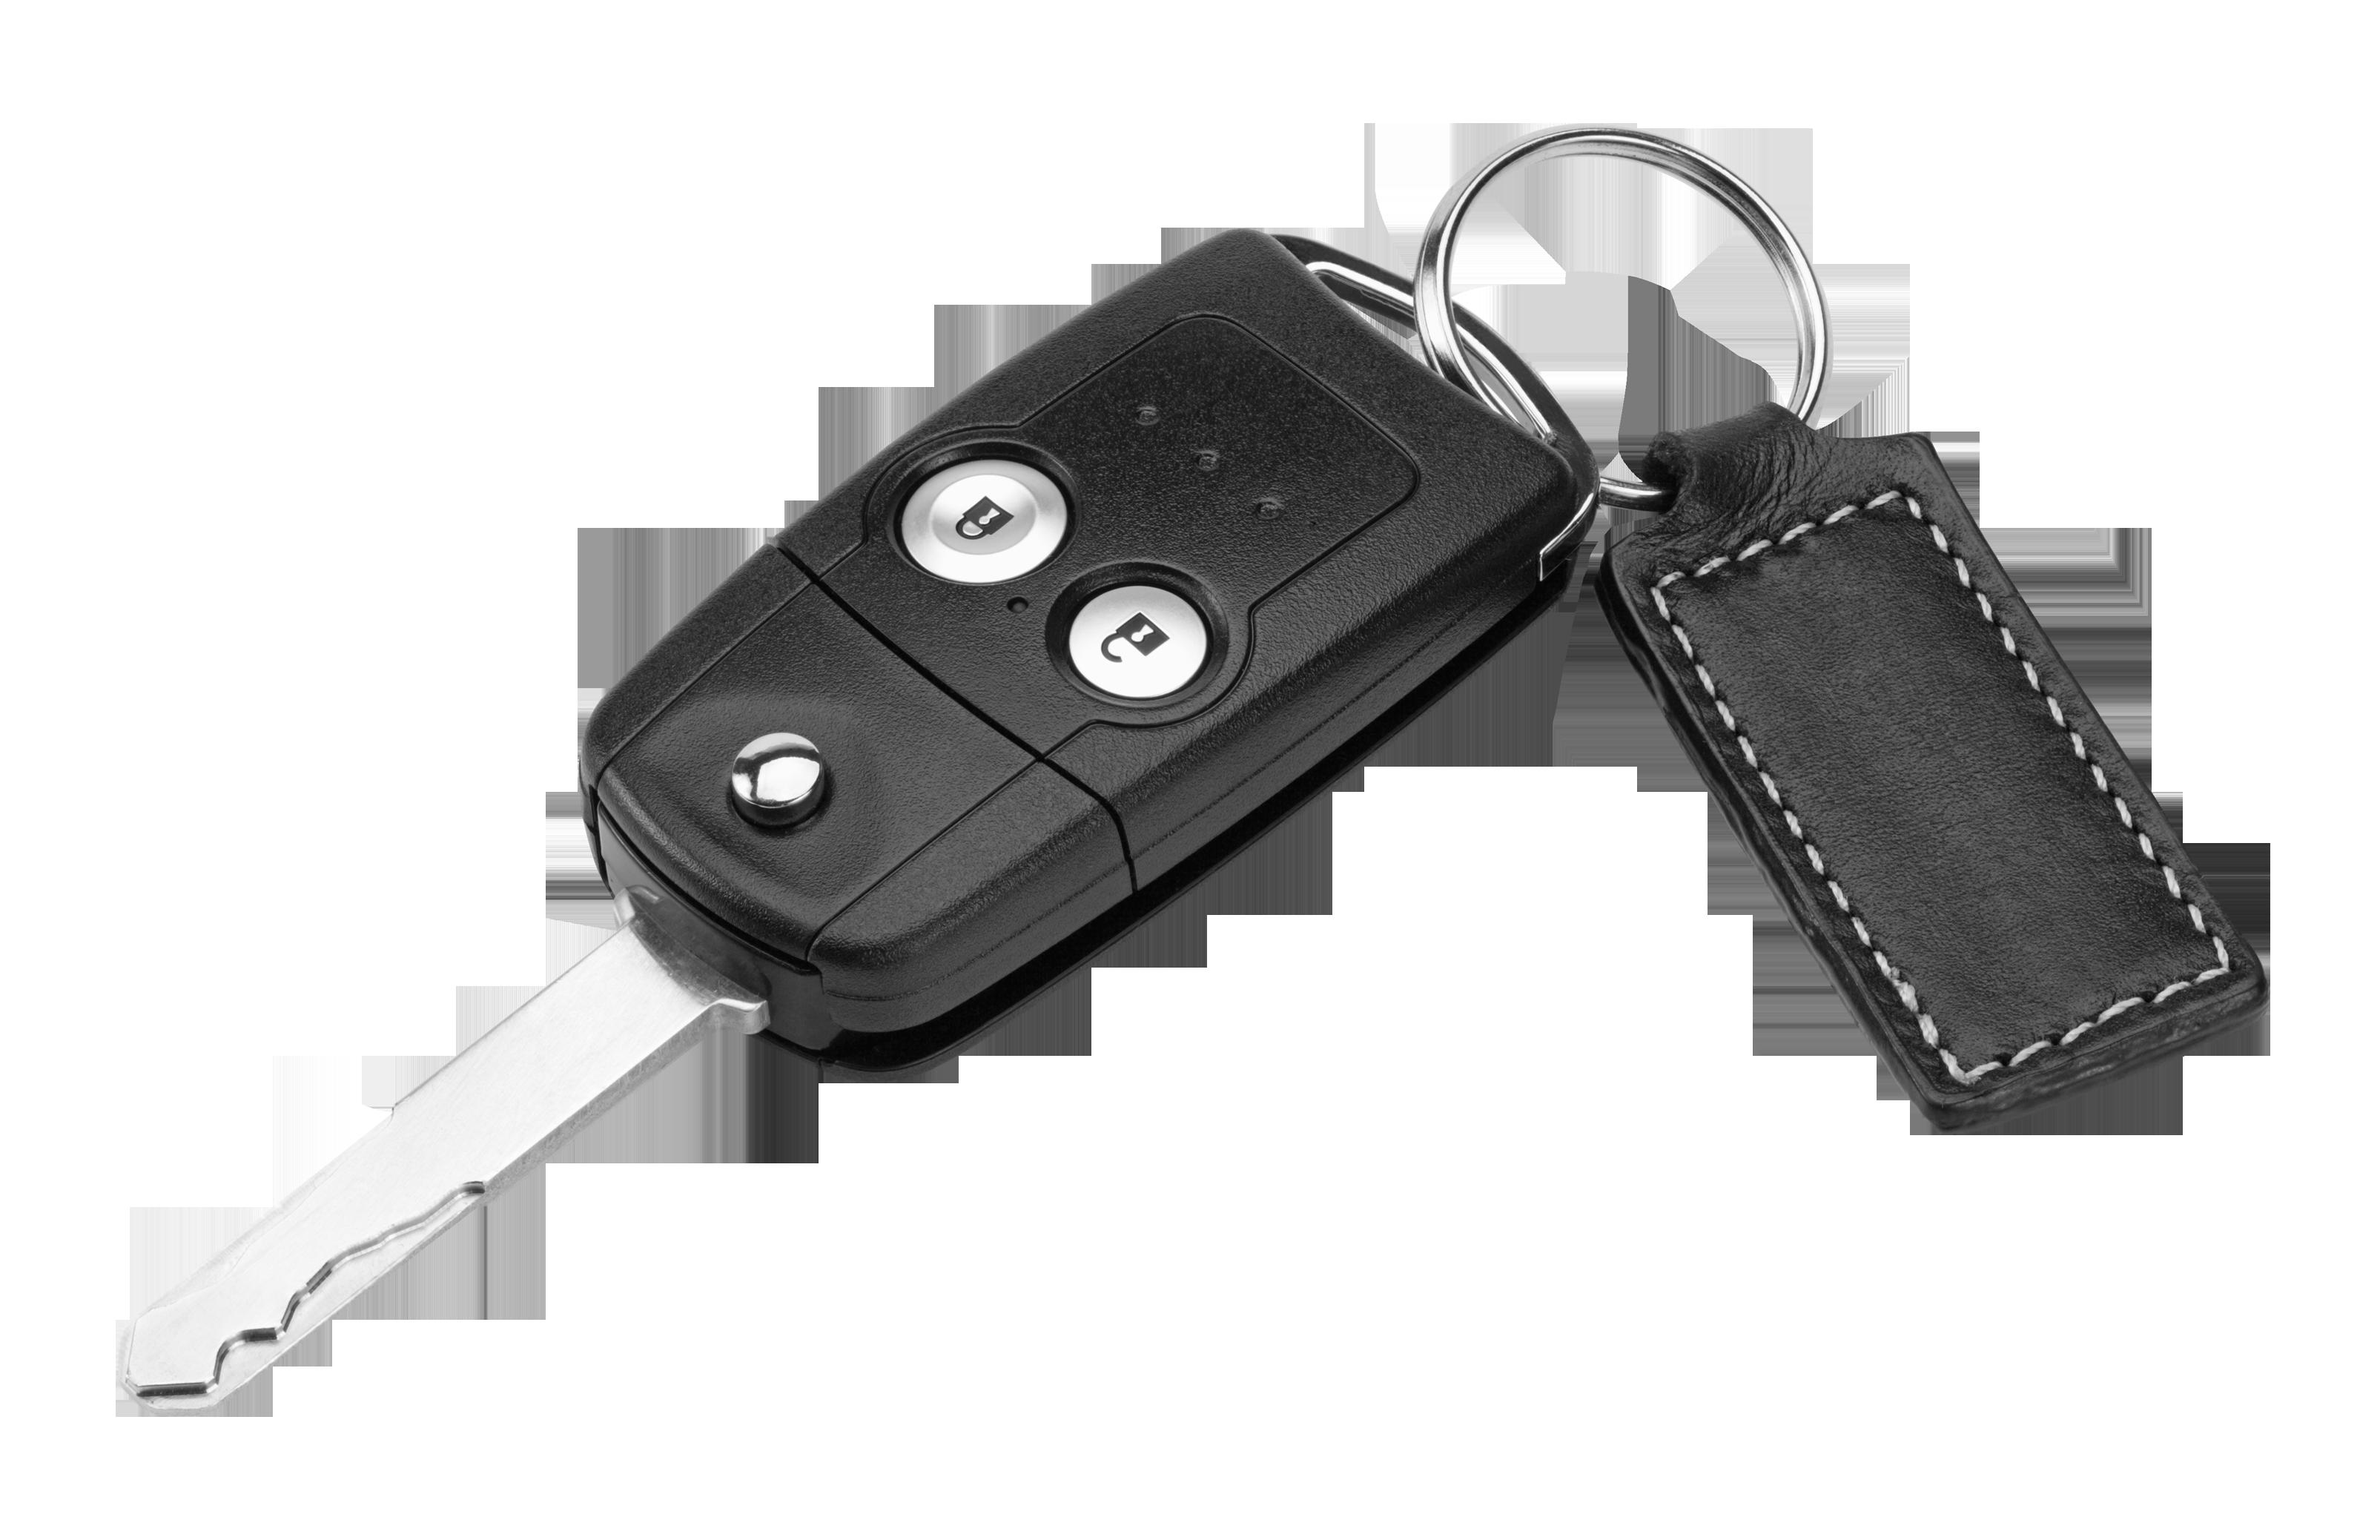 Keys car key